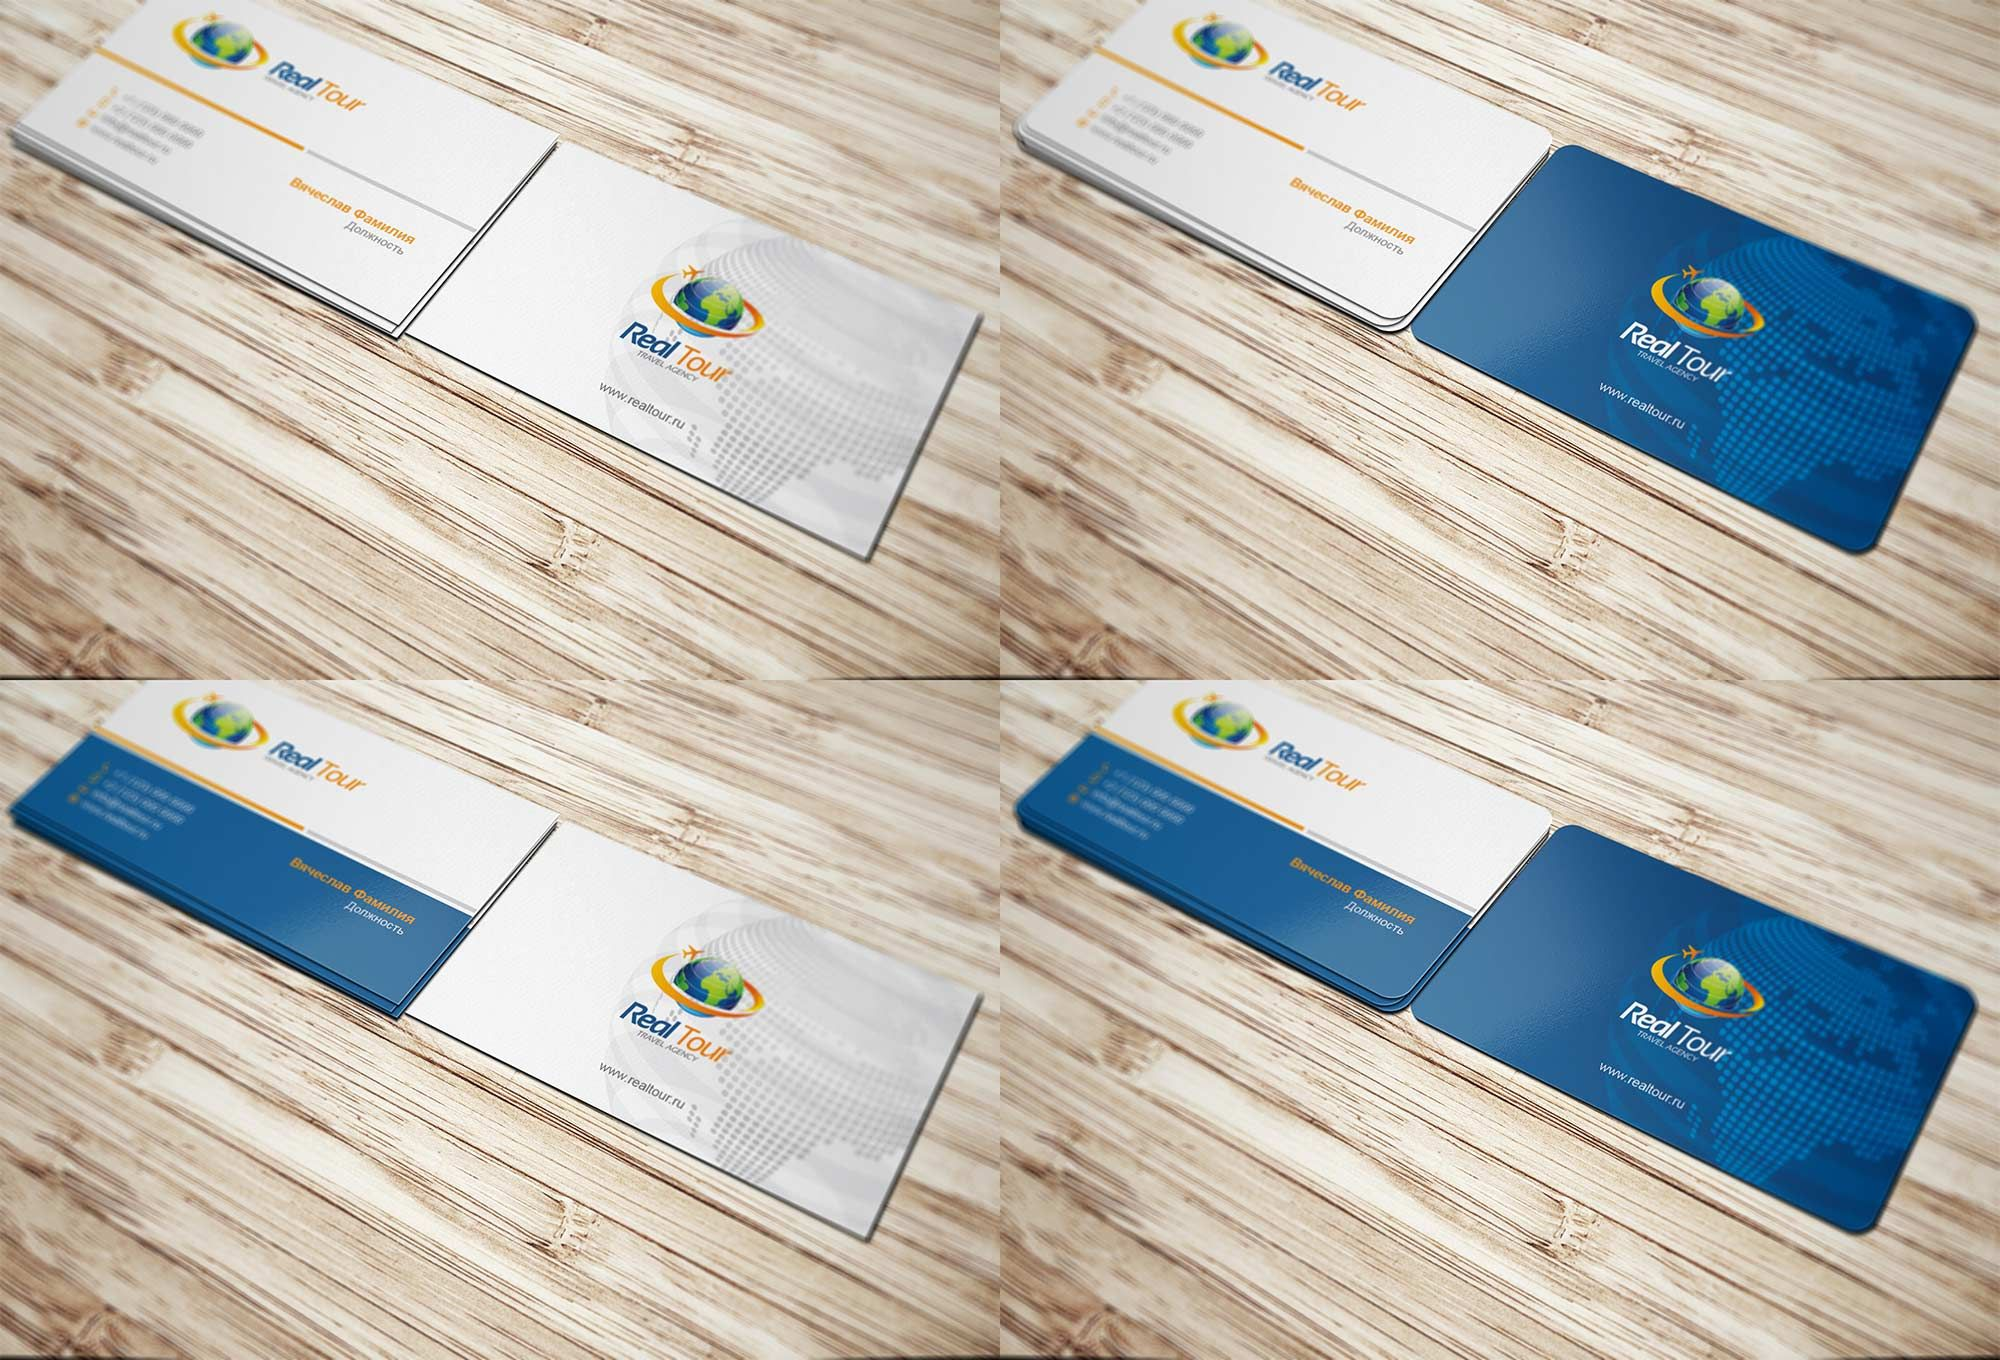 Лого и фирменный стиль для турагентства - дизайнер vadimsoloviev